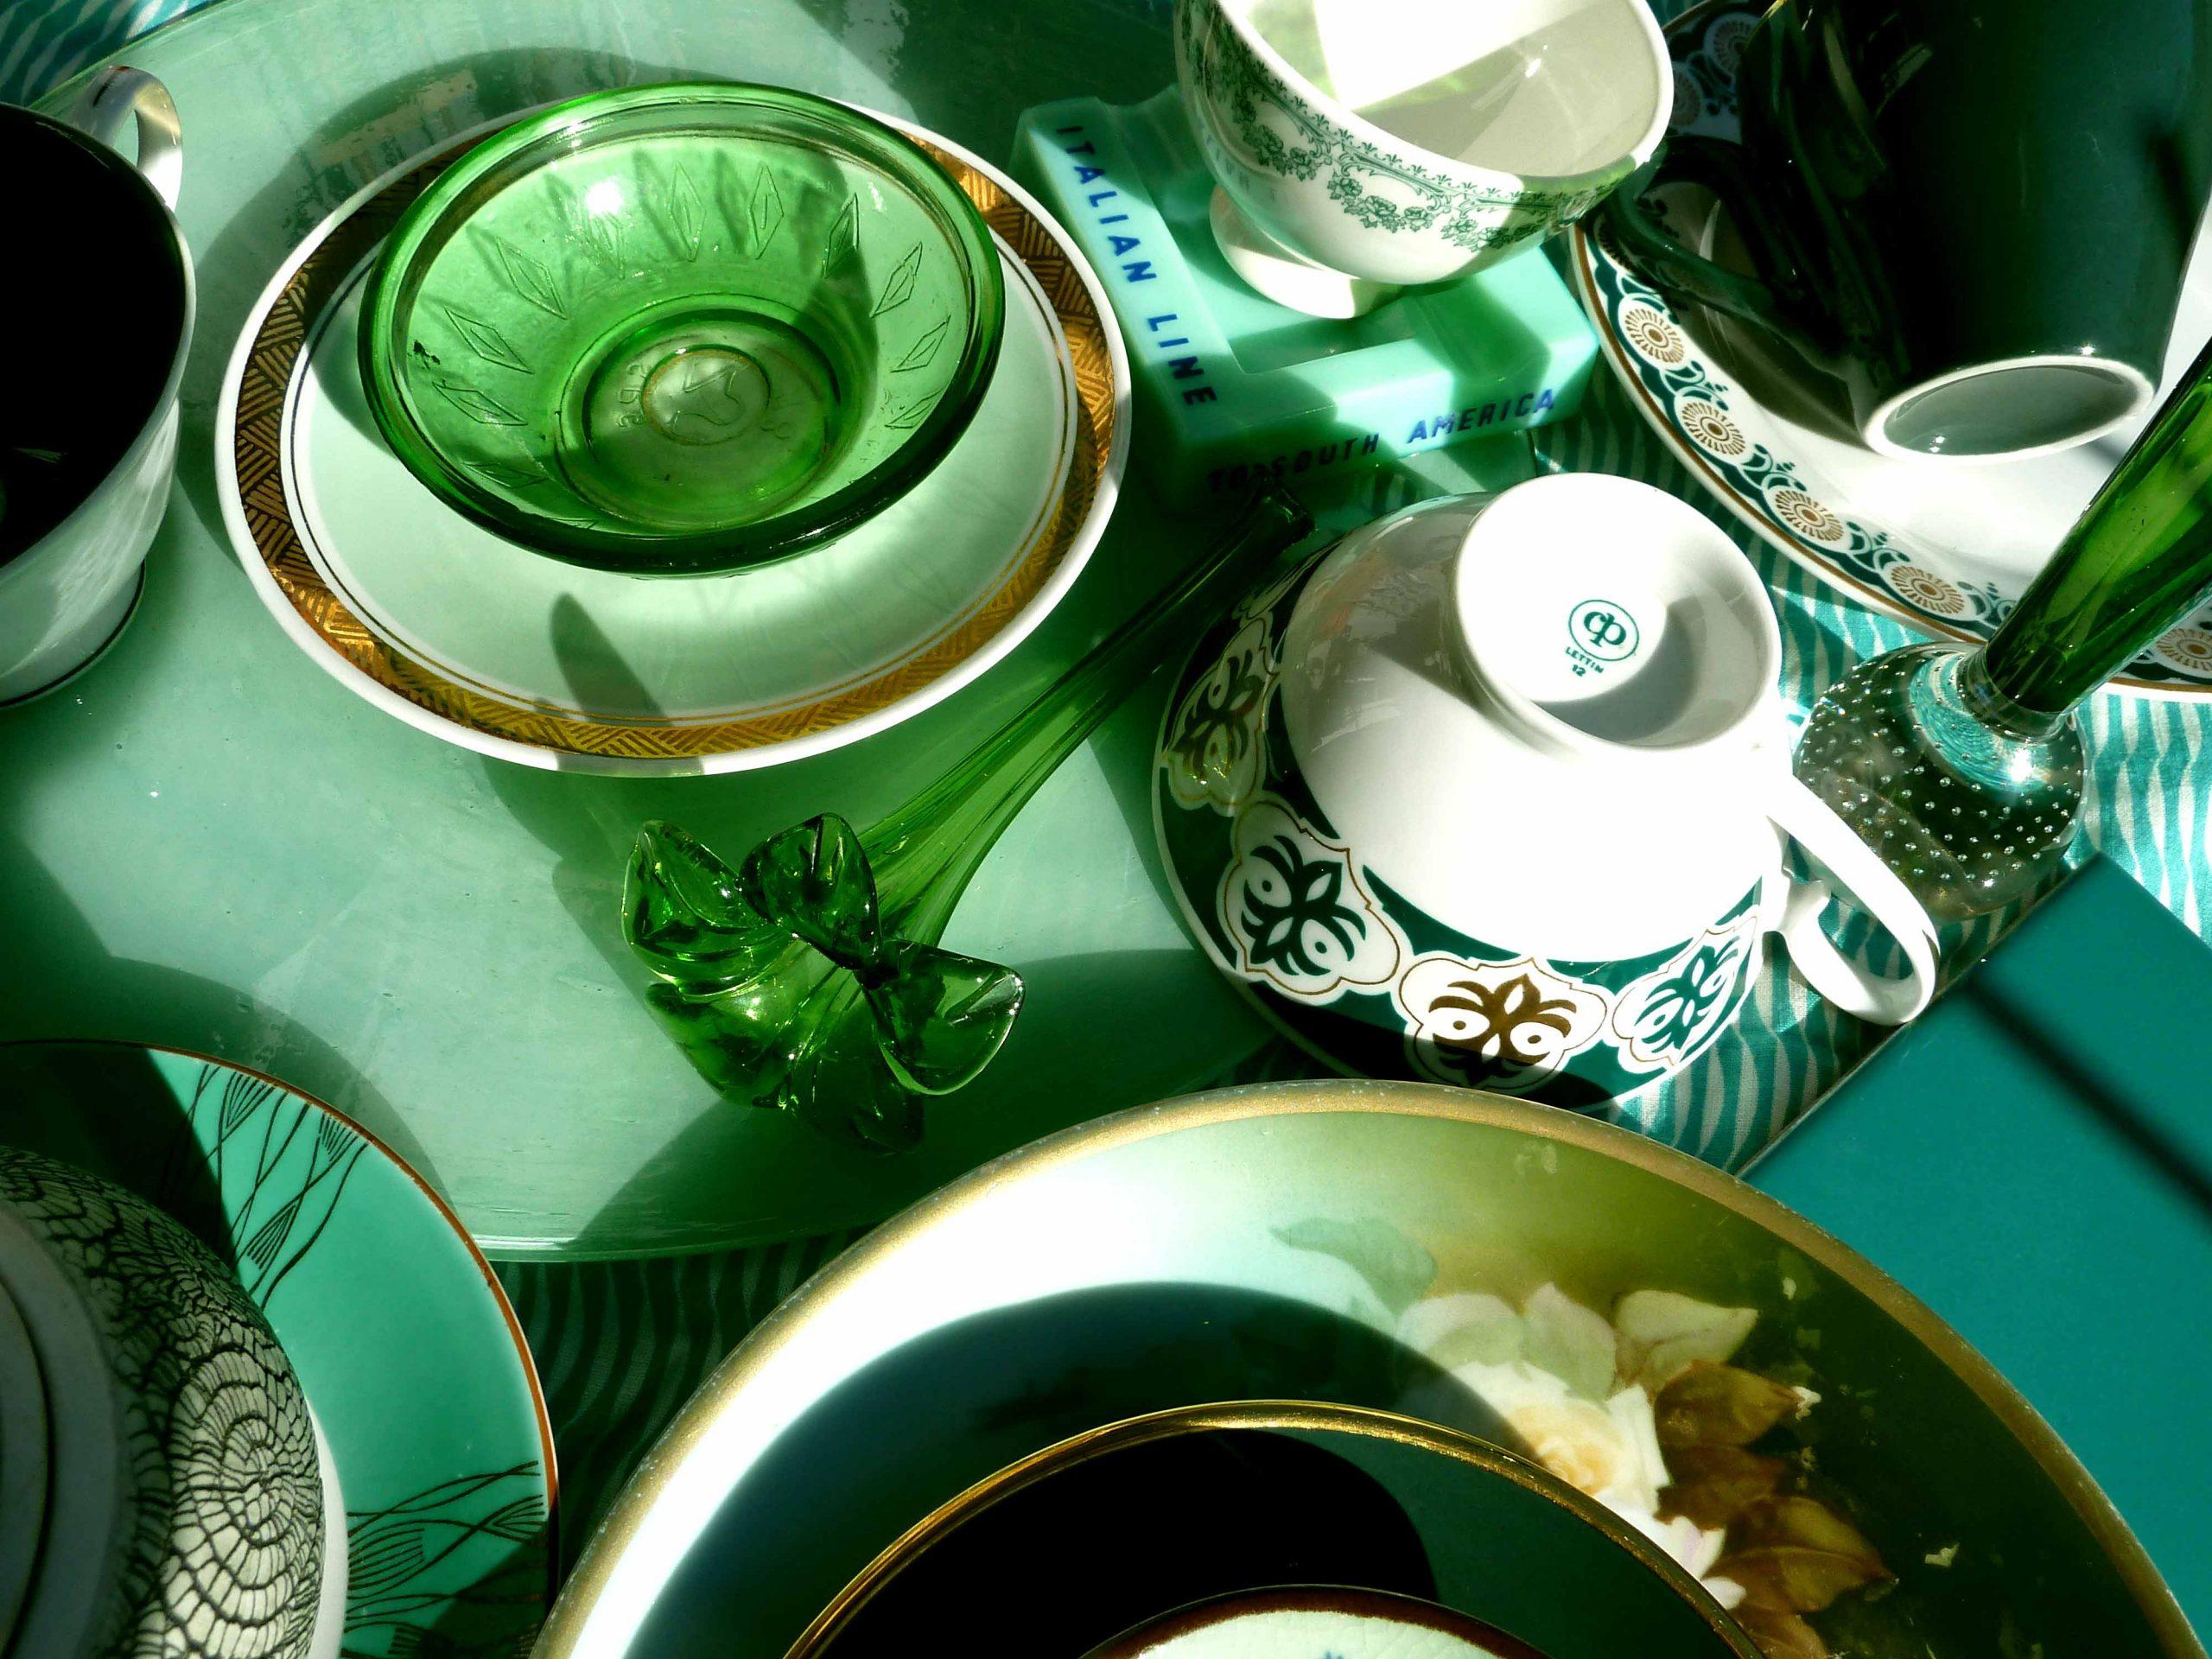 Grüne Glas und Porzellan Gegenstände in der Mai Sonne